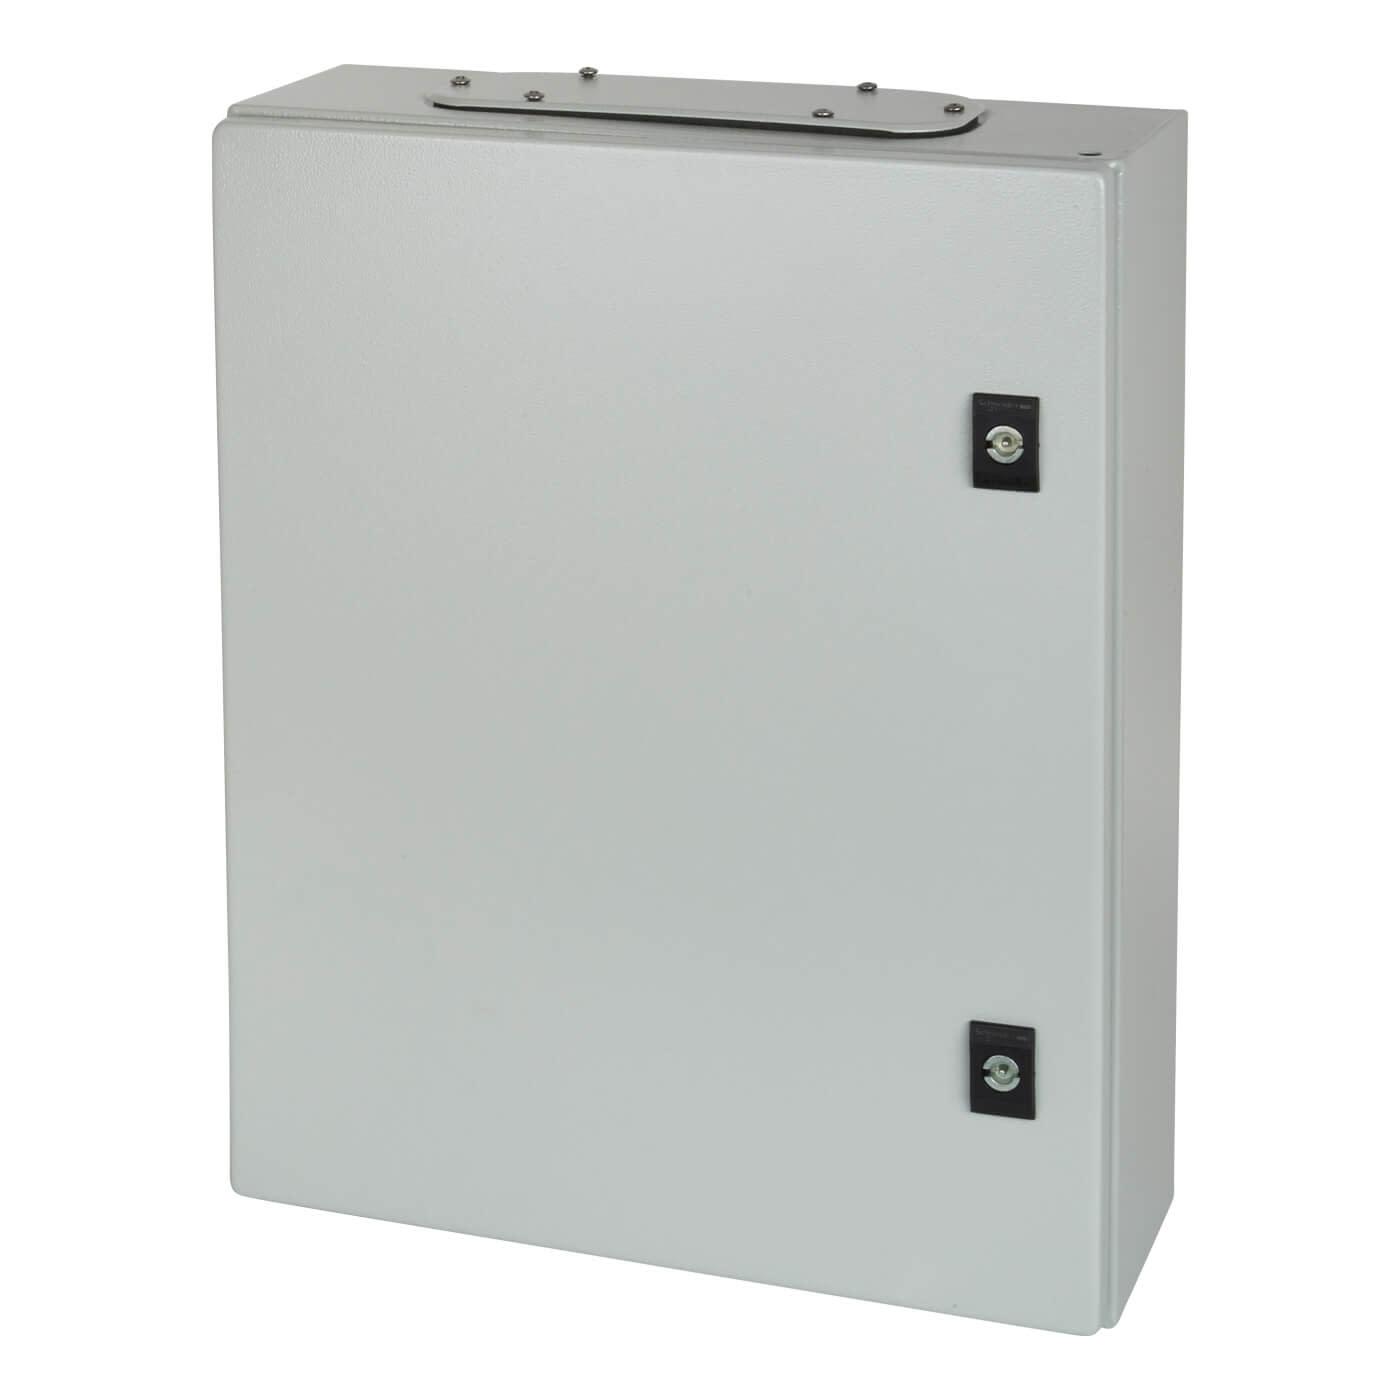 Schneider Metal Enclosure - 300 x 300 x 150mm)